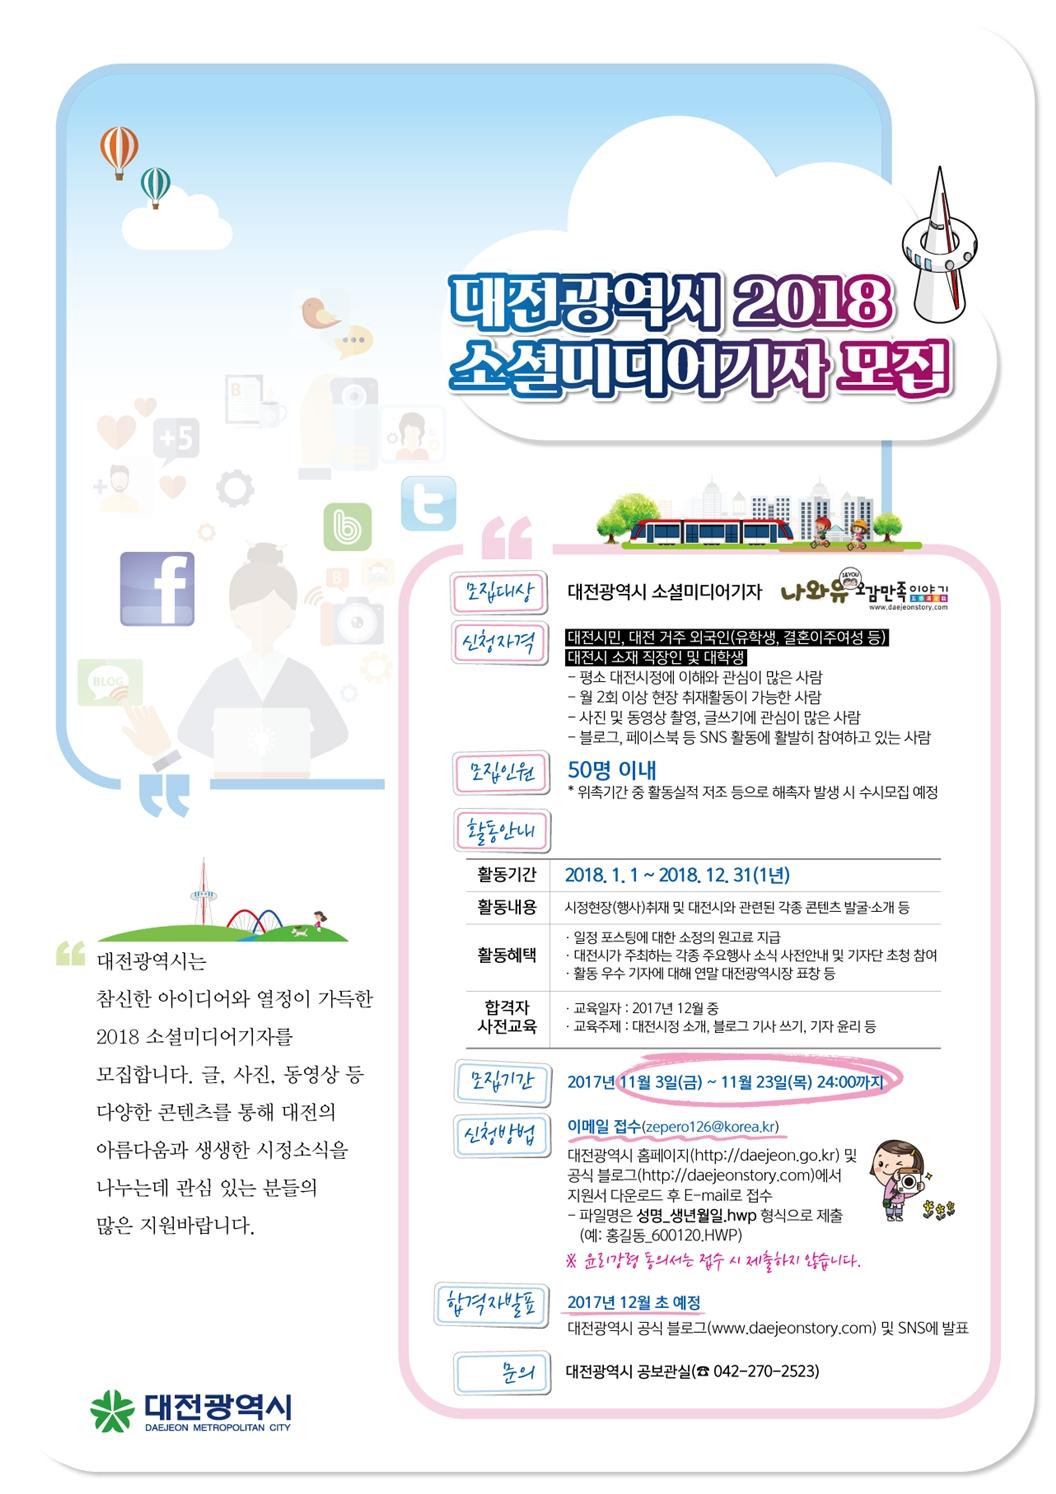 2018 대전광역시 소셜미디어기자 모집